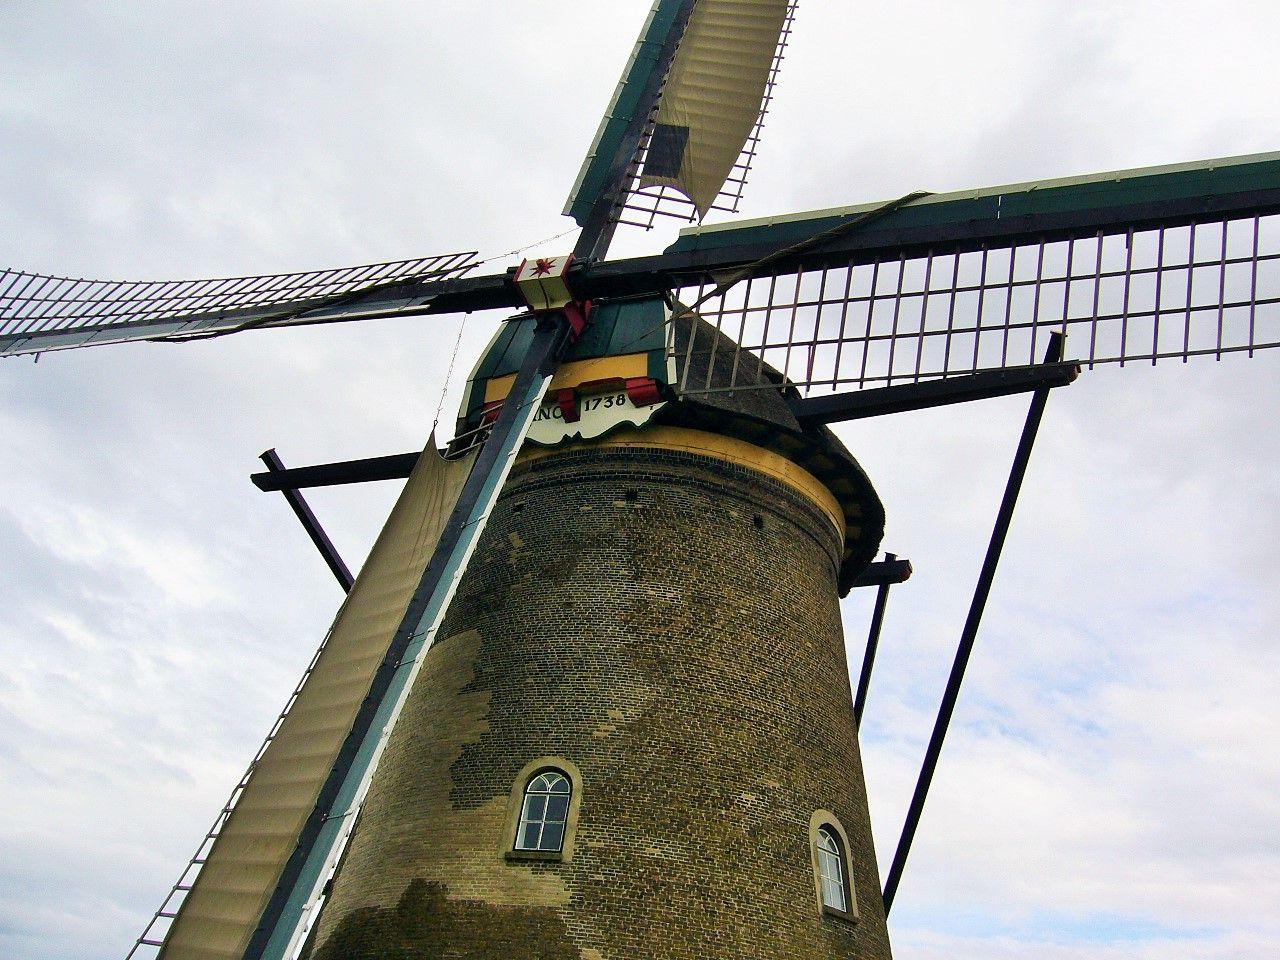 風車博物館で昔の生活様式を覗いてみよう!